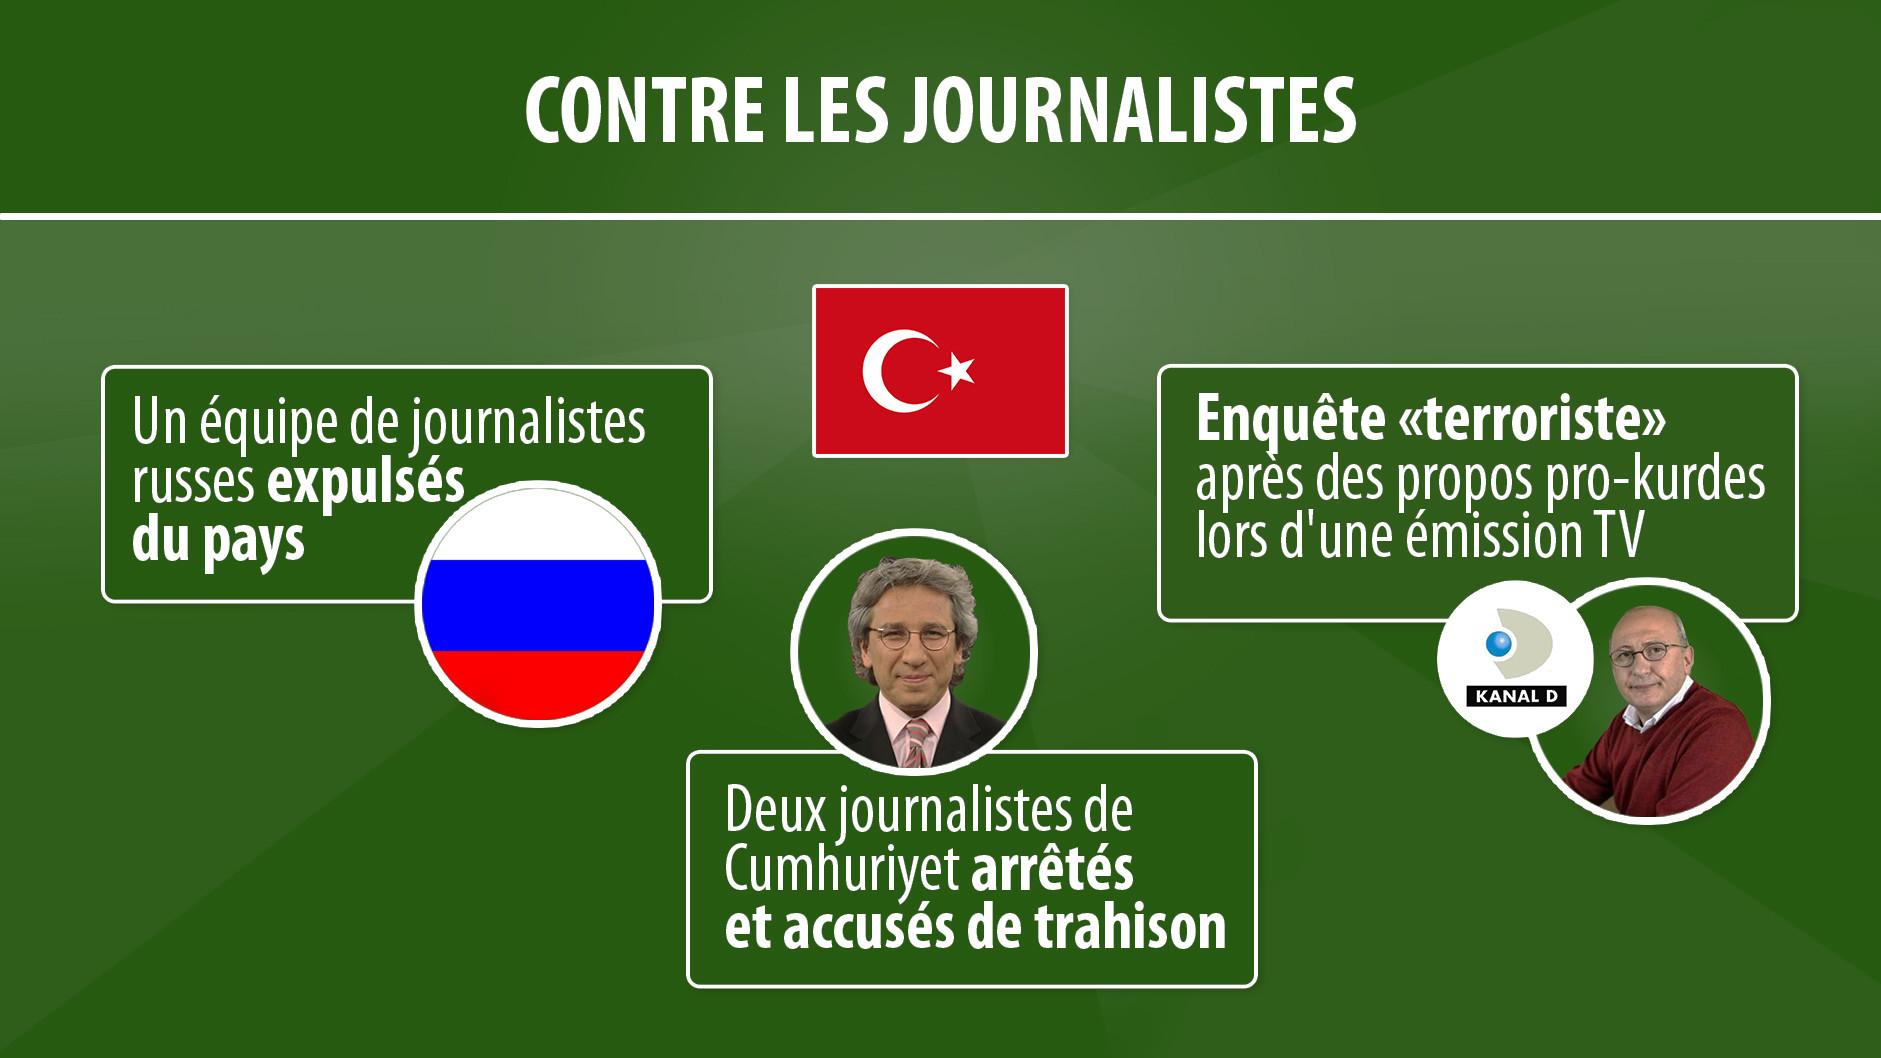 Le récap' : Les attaques du gouvernement turc contre les déclarations déplaisantes